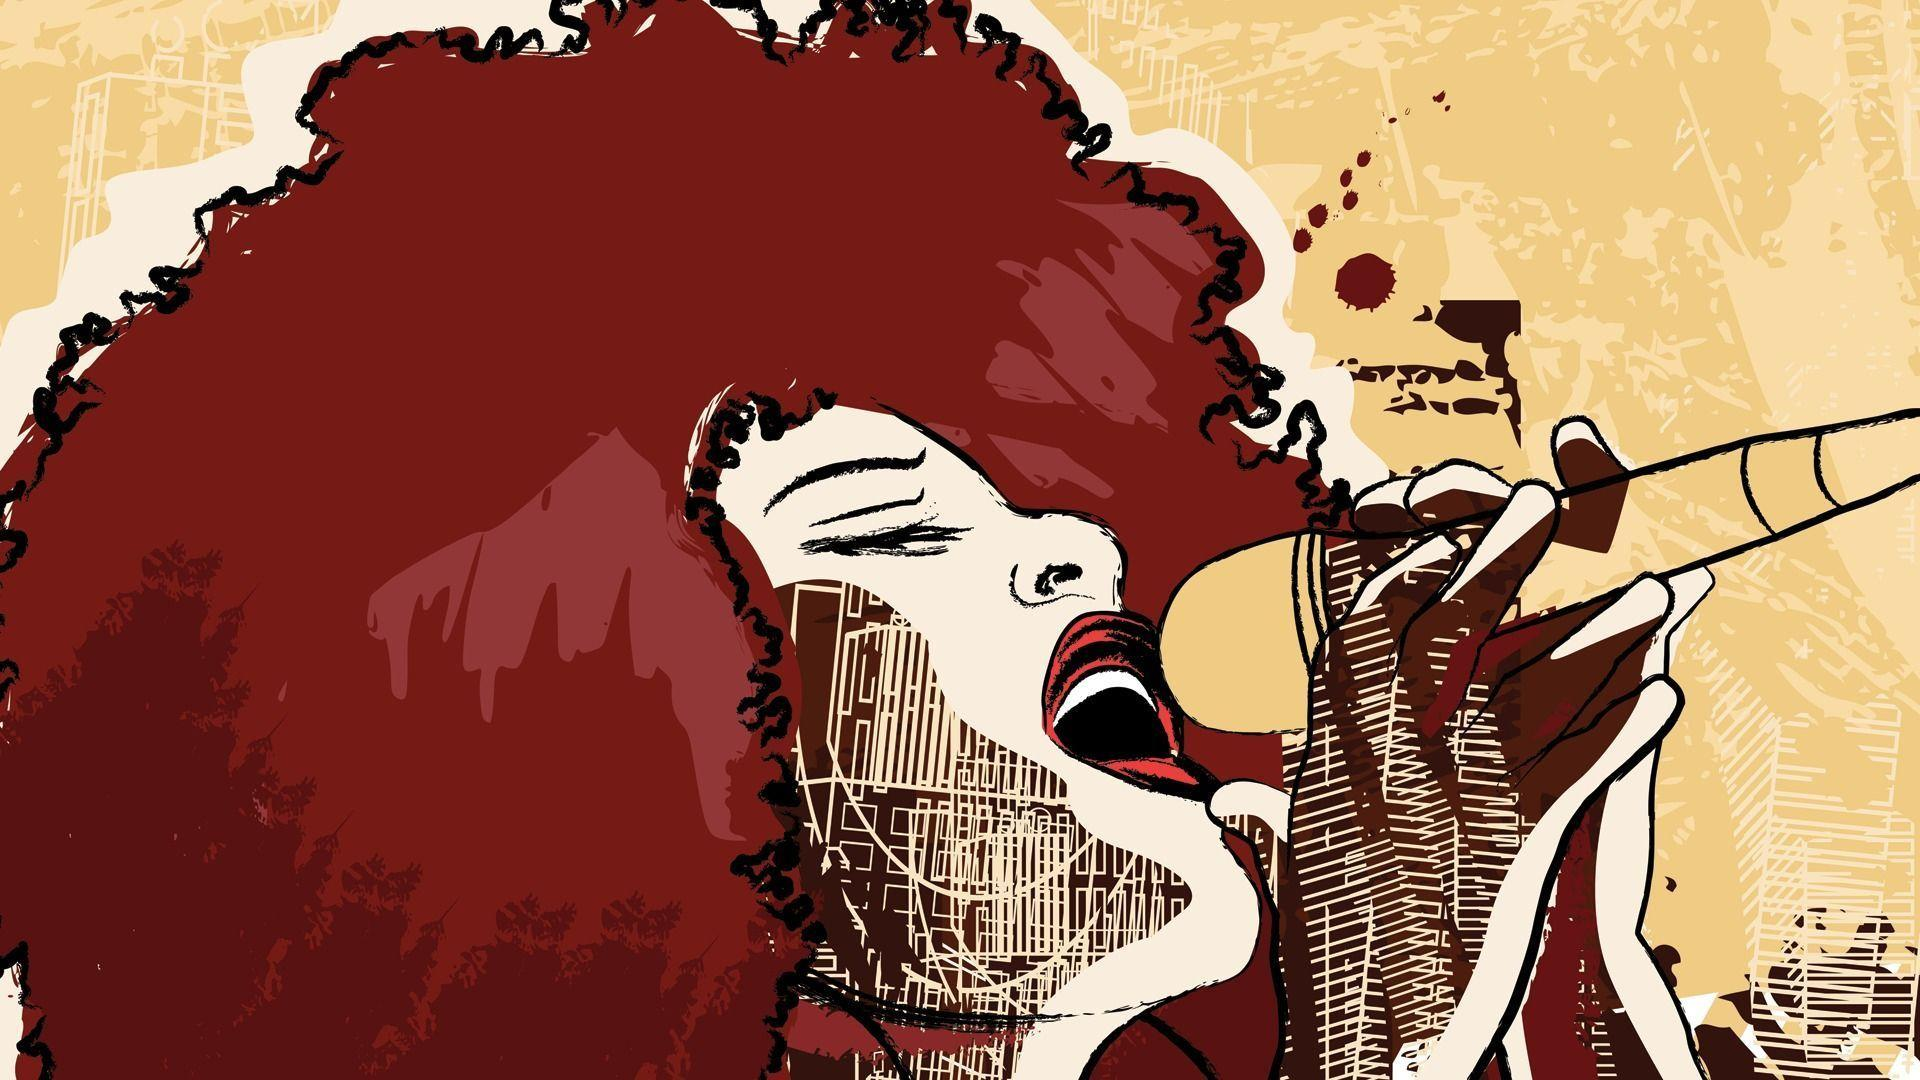 Jazz Singer Music Wallpaper Pc #13418 Wallpaper | Wallpaper Screen ...